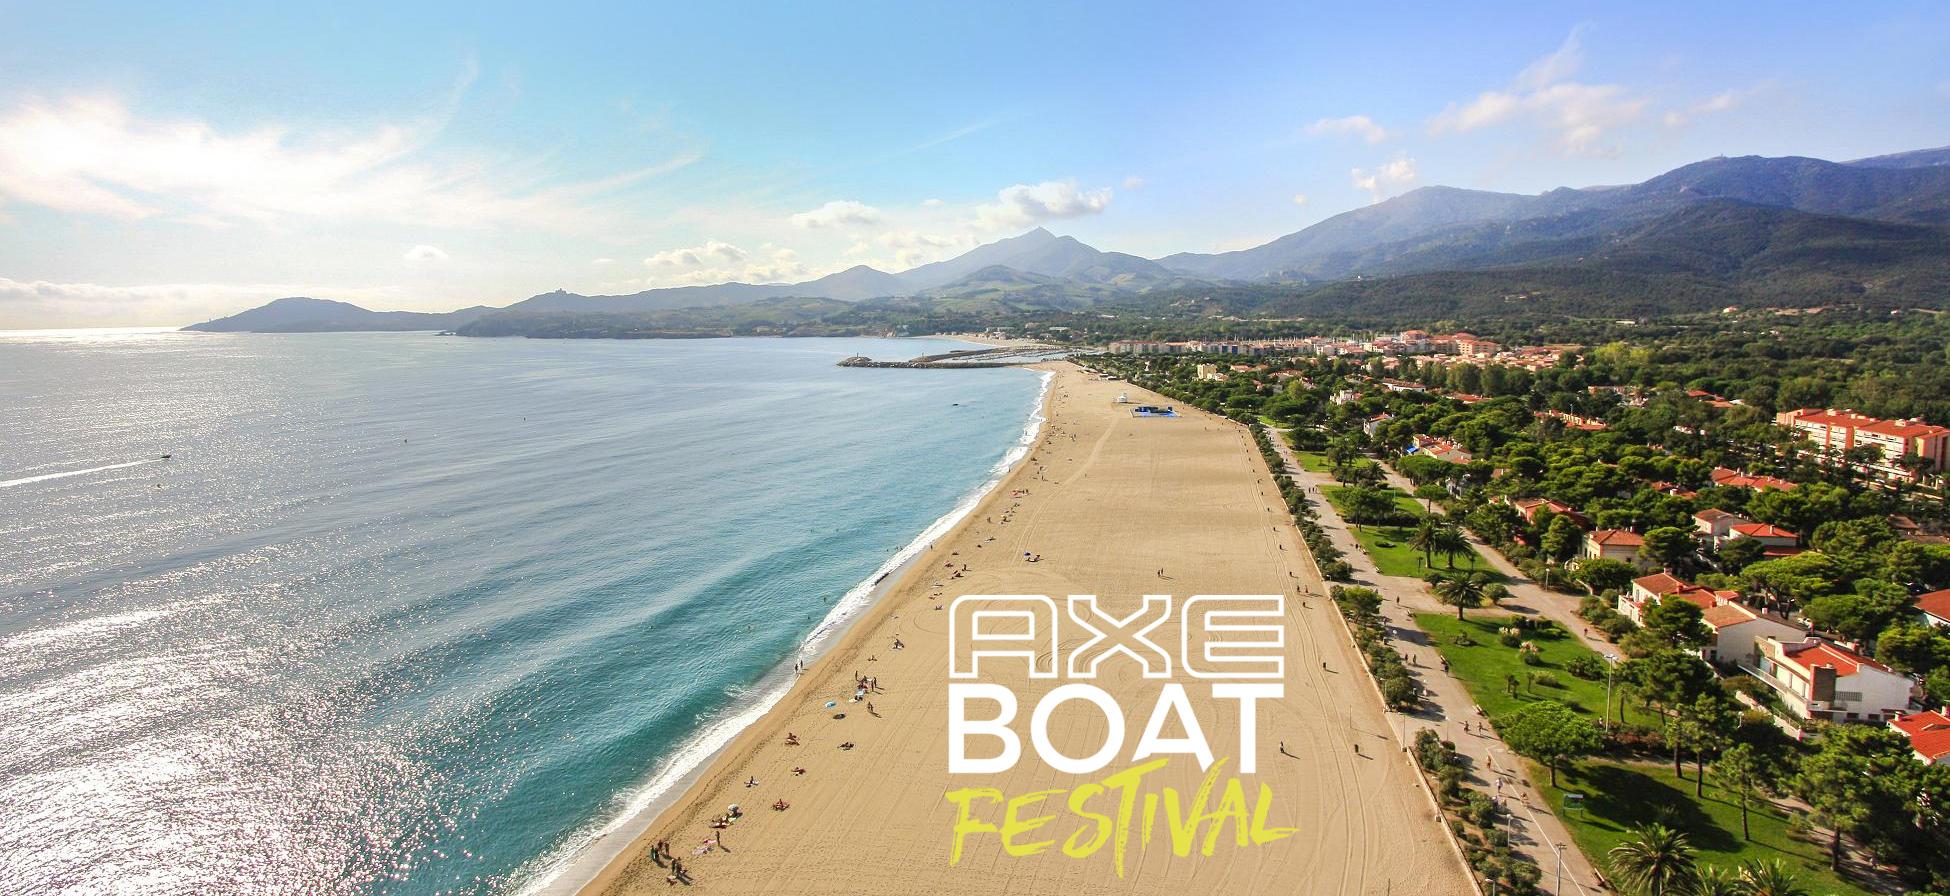 Axe Boat Festival à Argelès-sur-mer